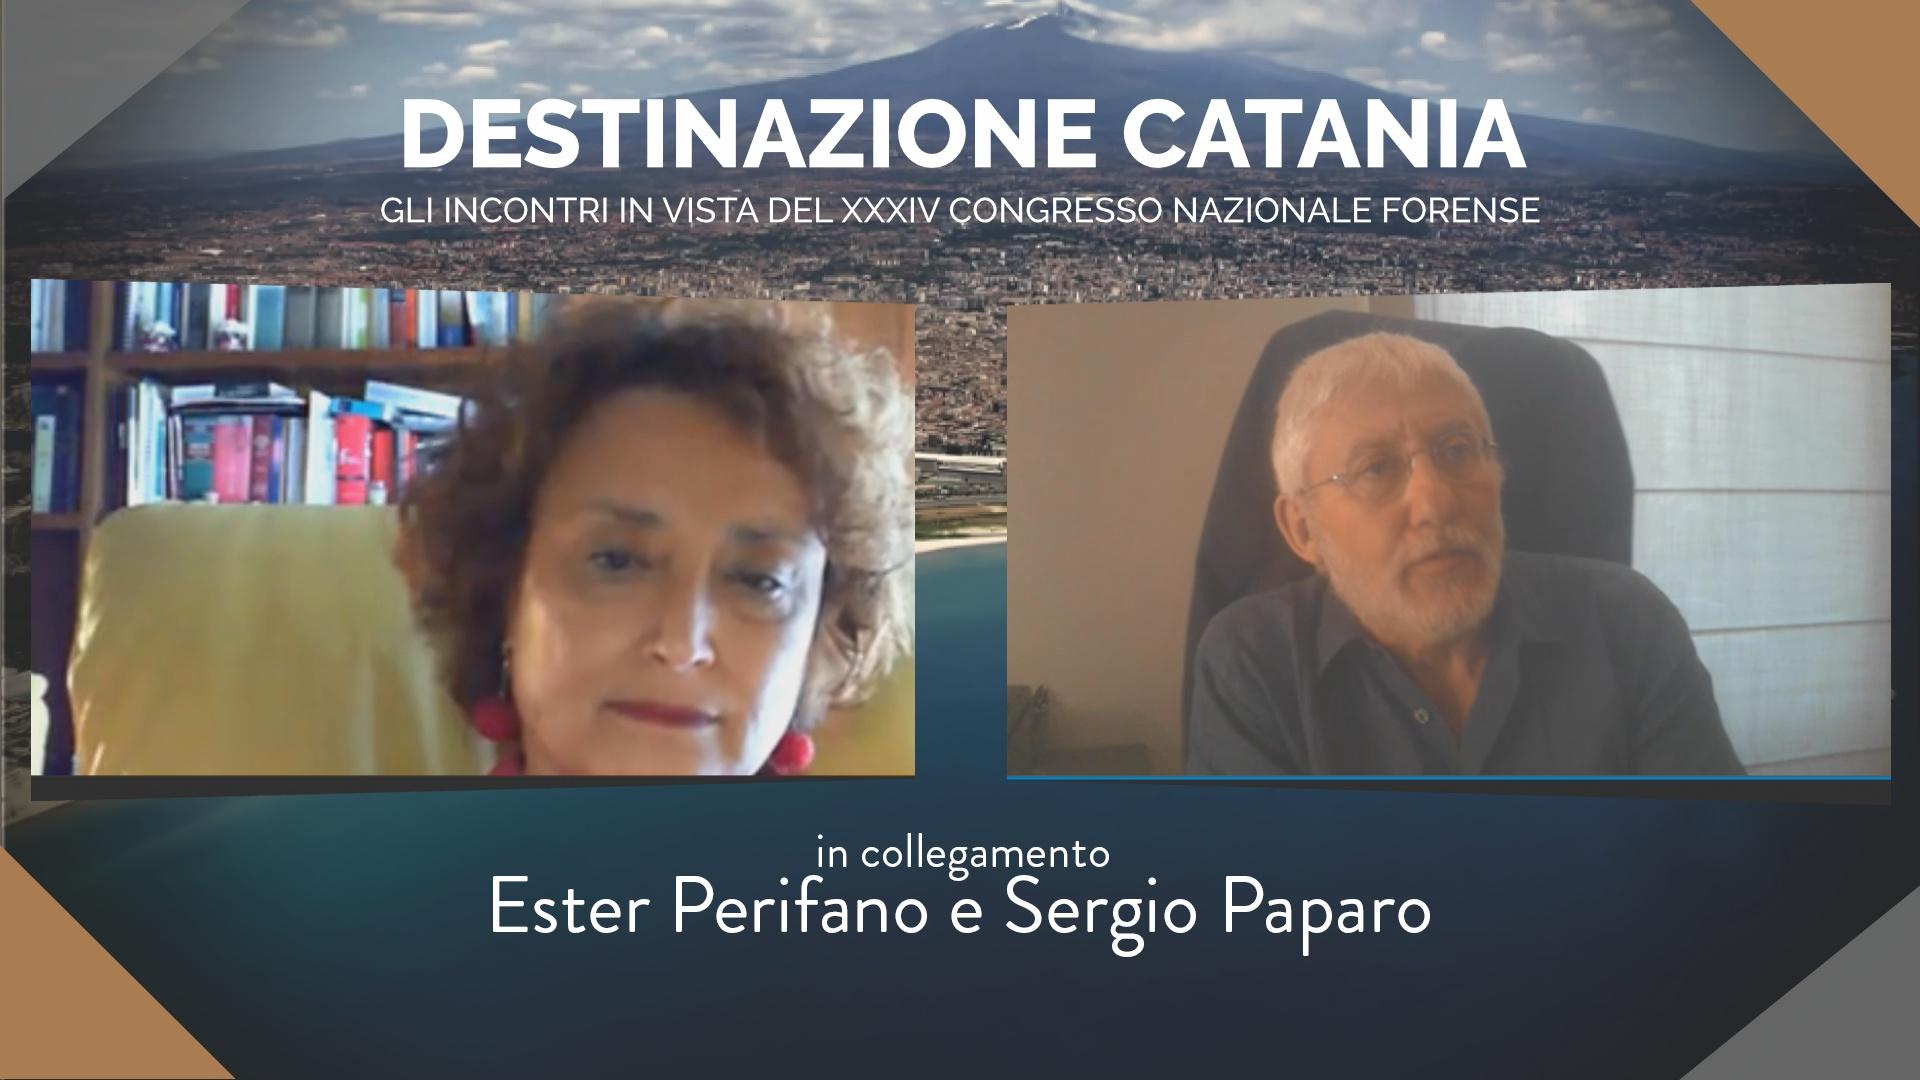 DESTINAZIONE CATANIA. INCONTRI IN VISTA DEL XXXIV CONGRESSO NAZIONALE FORENSE. ESTER PERIFANO E SERGIO PAPARO